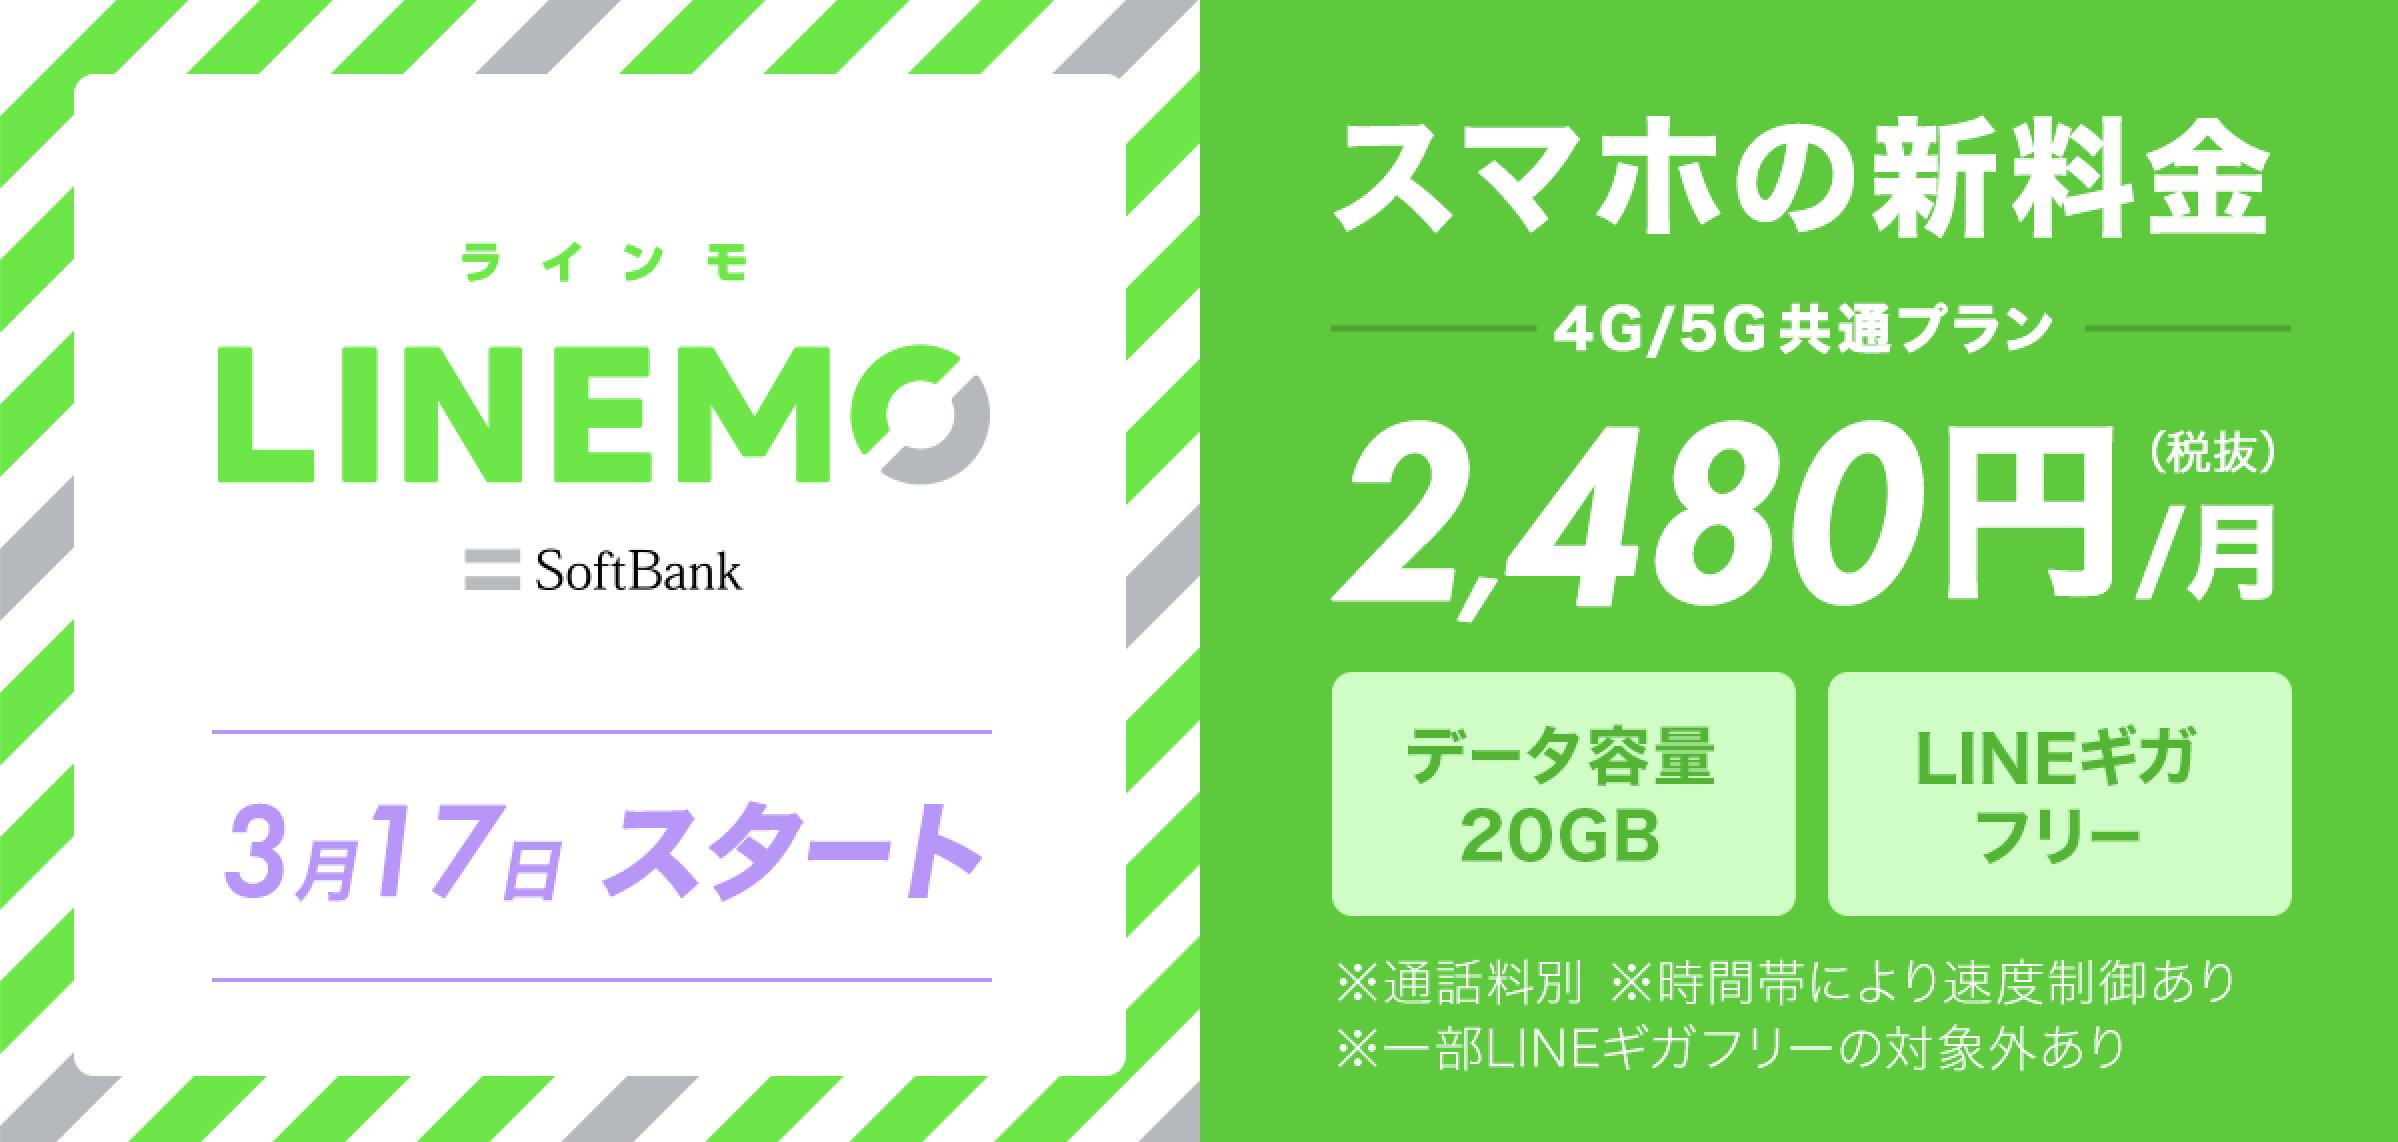 LINEMOのデメリットに注意!ahamo・楽天モバイル・ワイモバイルと料金比較